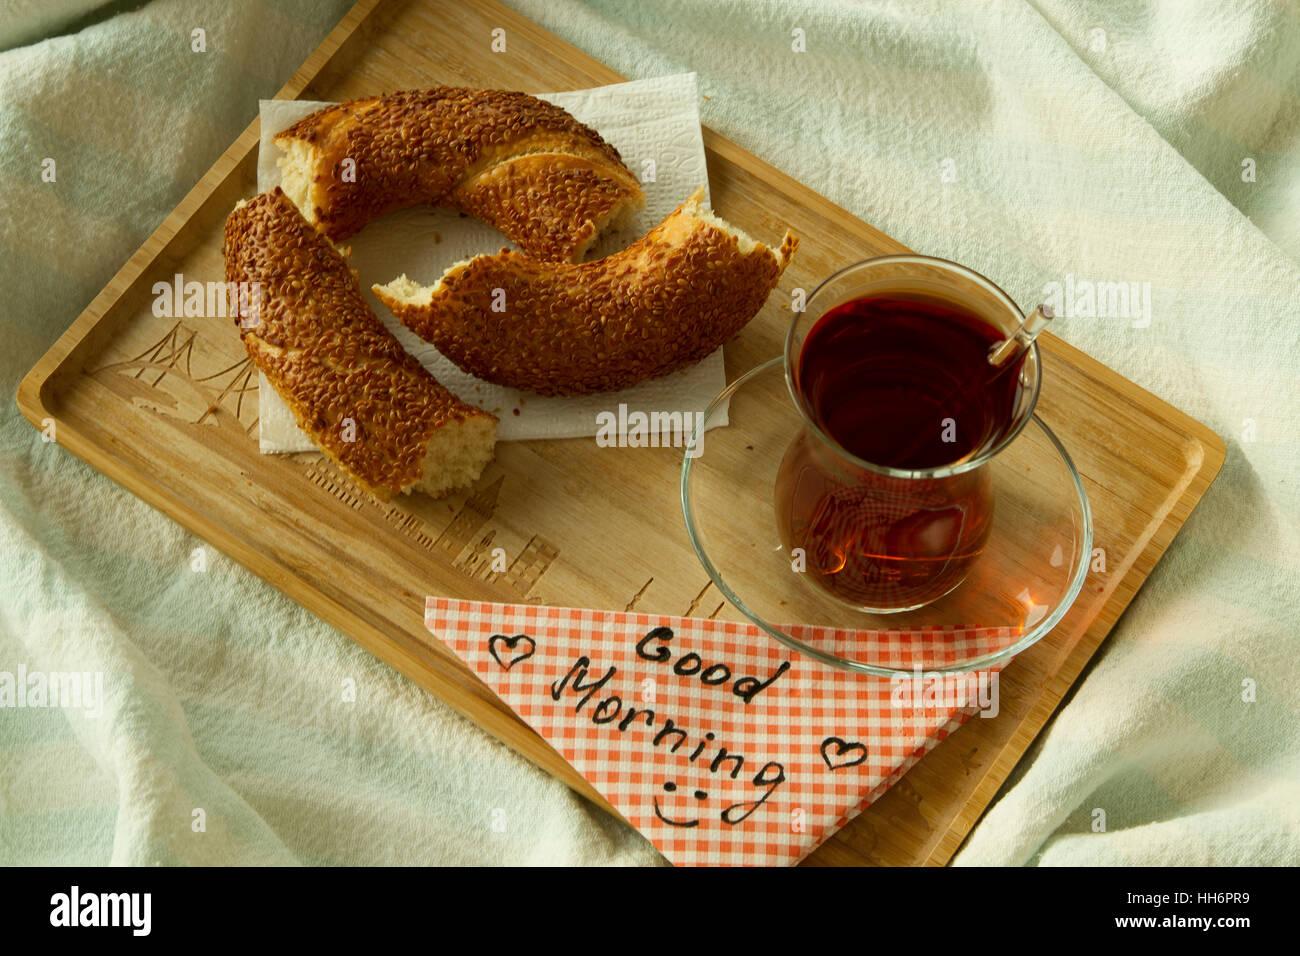 Türkischer Tee In Traditionellen Glas Mit Bagel Auf Dem